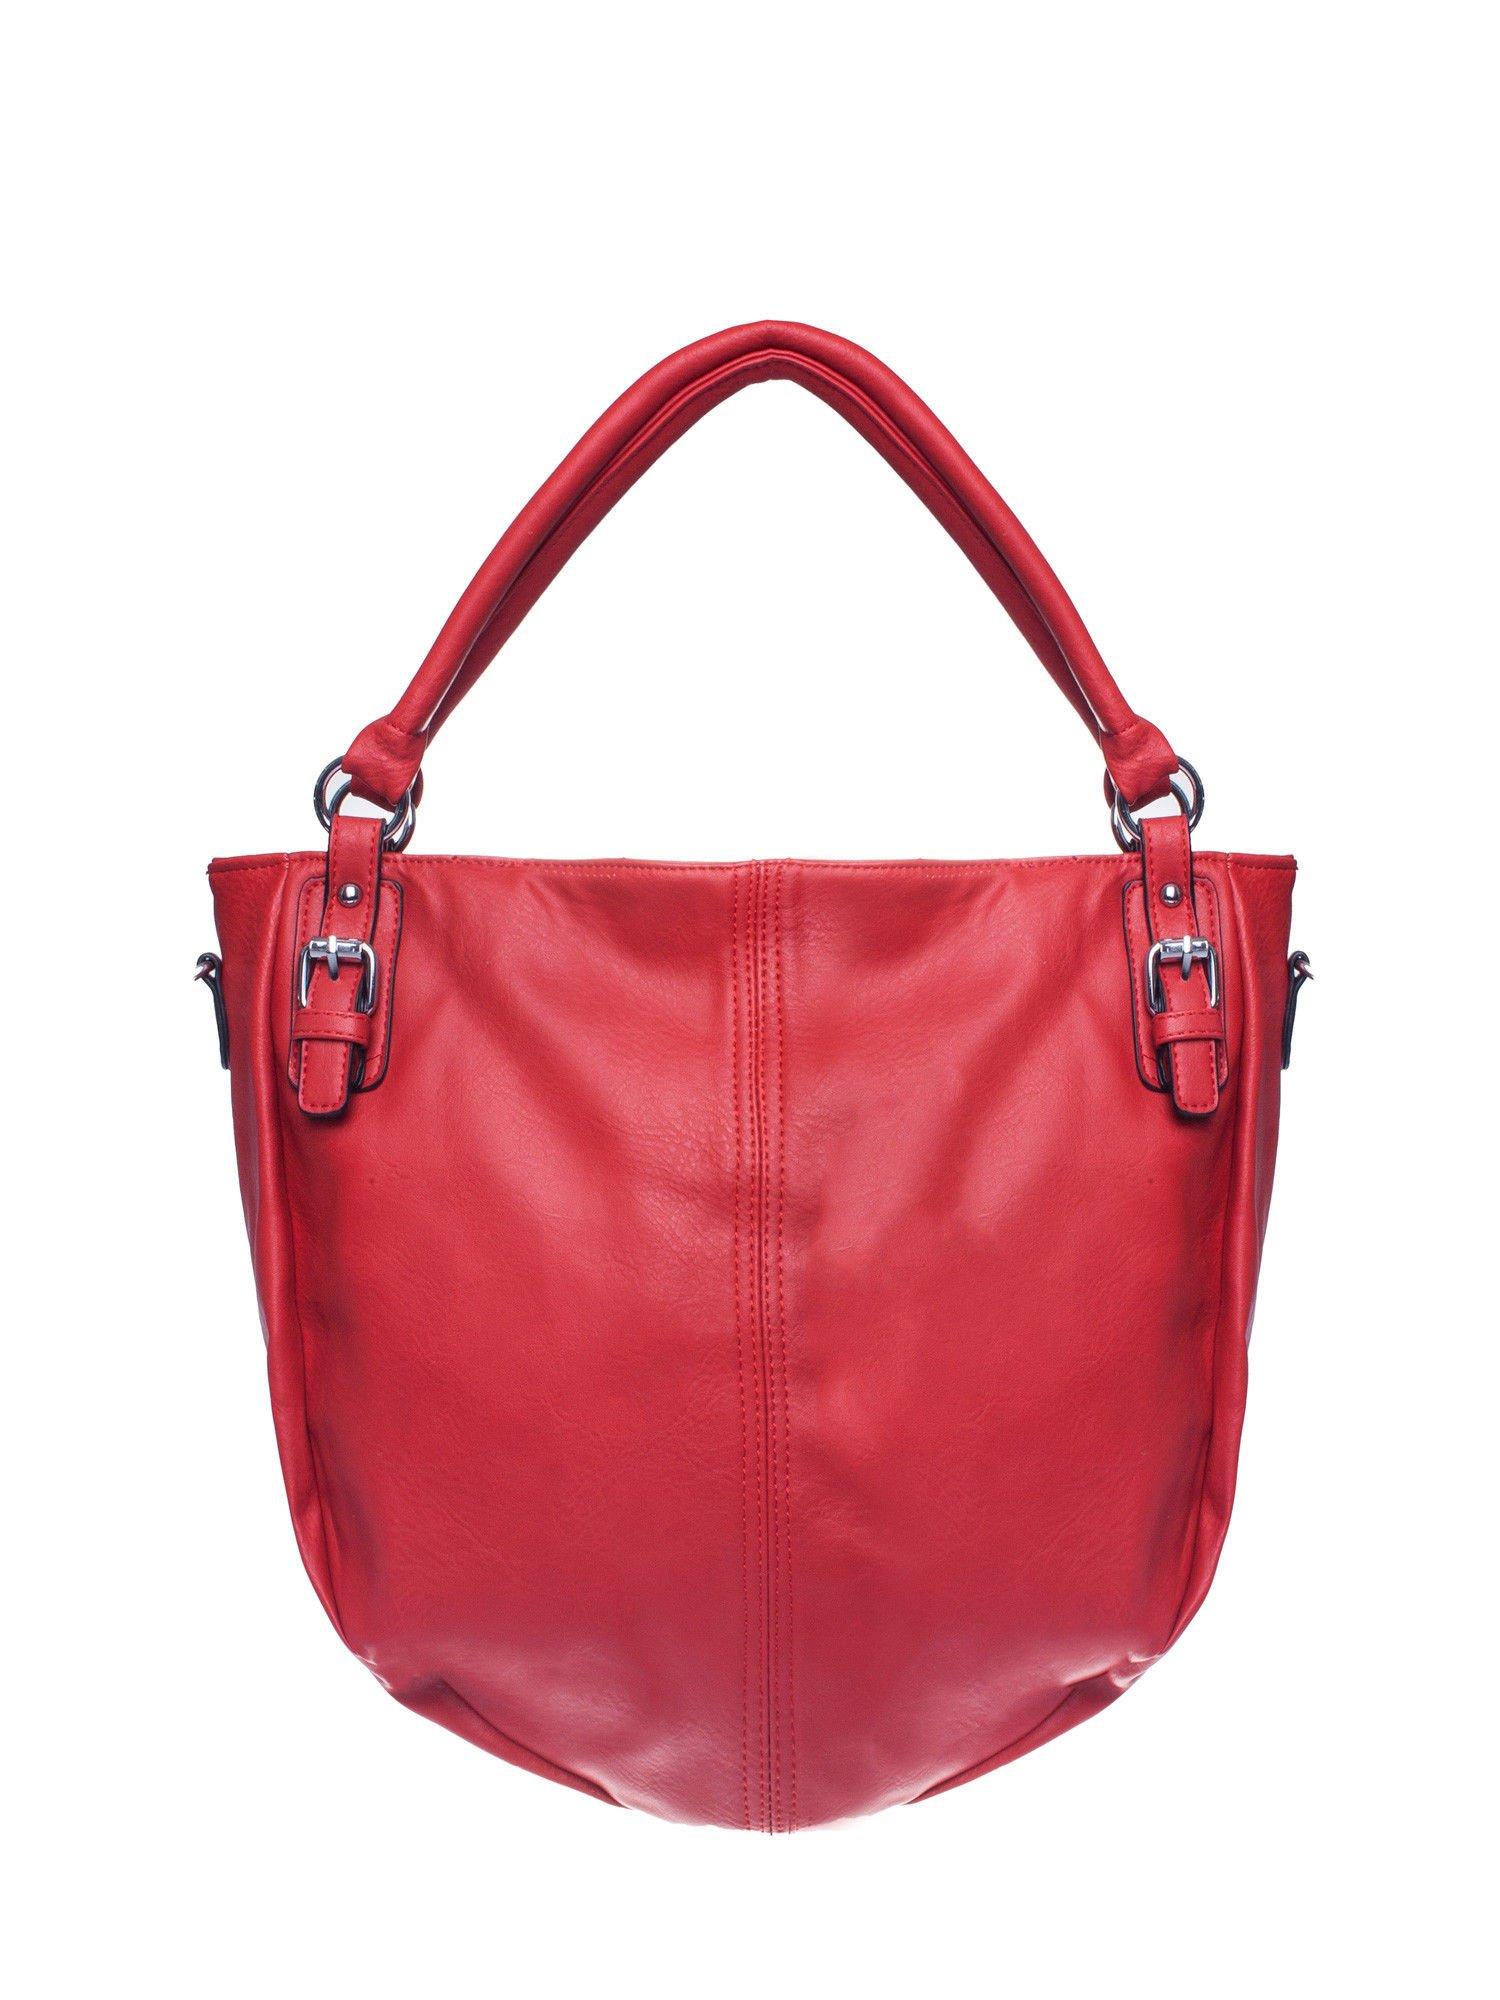 Czerwona torebka miejska z odpinanym paskiem                                  zdj.                                  1